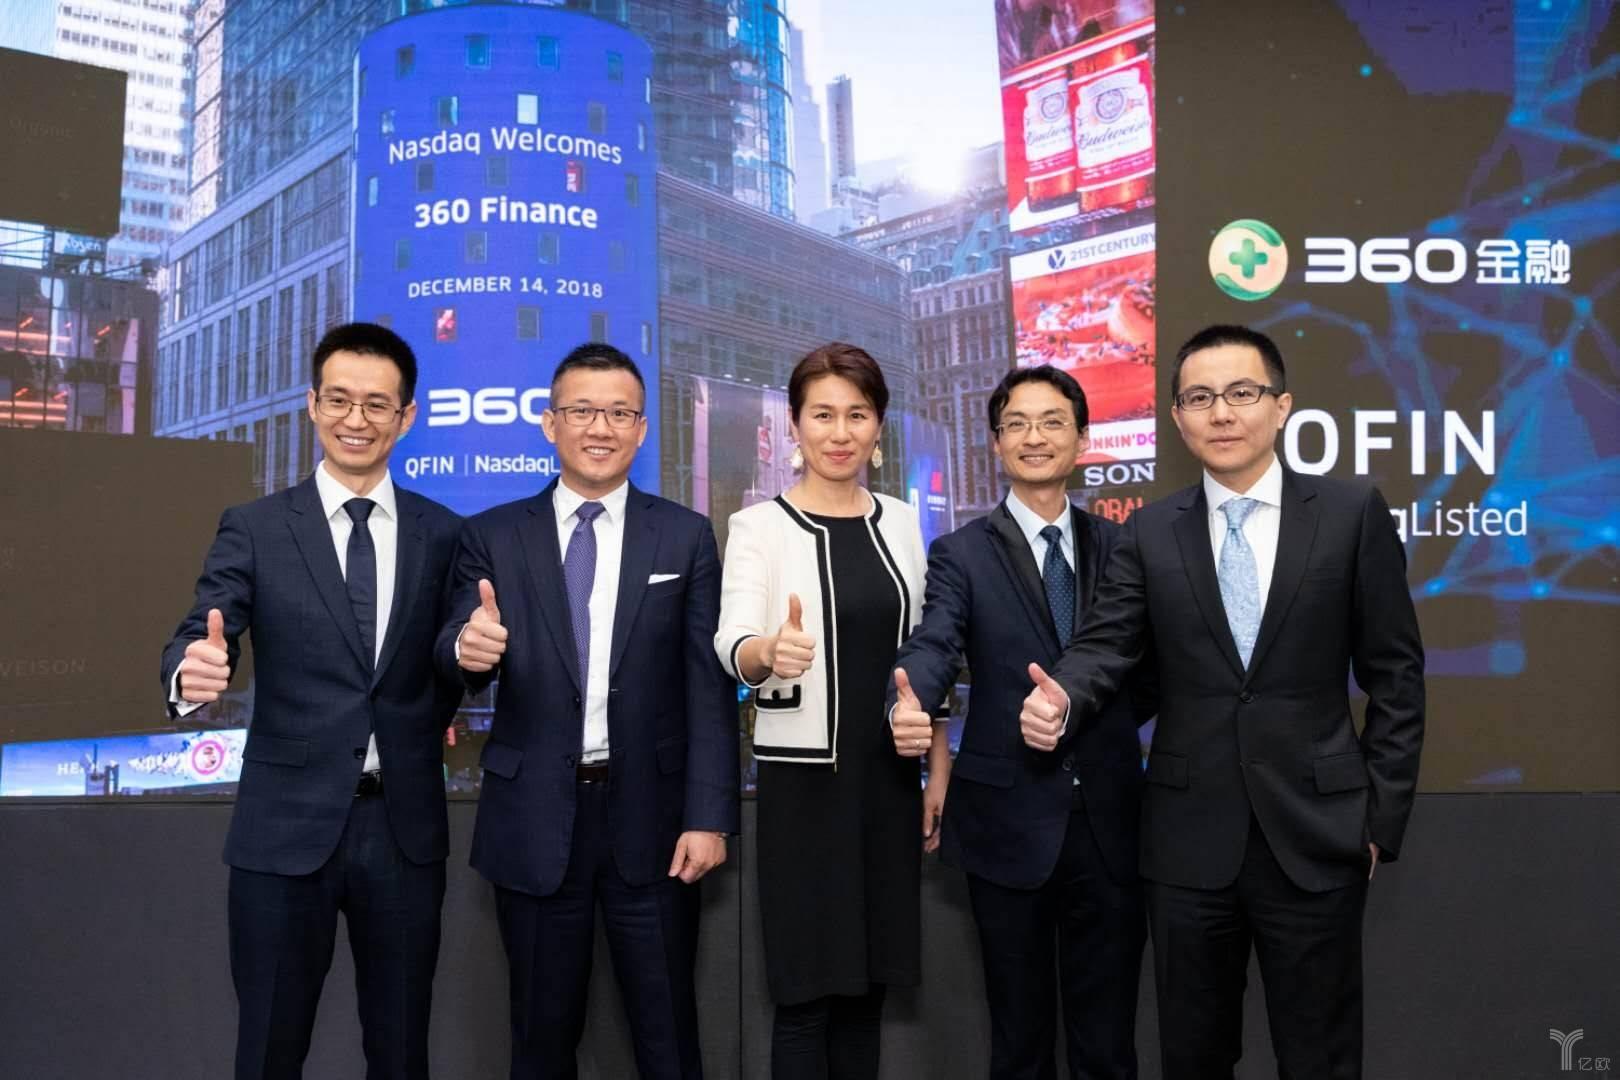 360金融发布2019Q1财报:净利润约为7.2亿元,M3+逾期率为0.94%